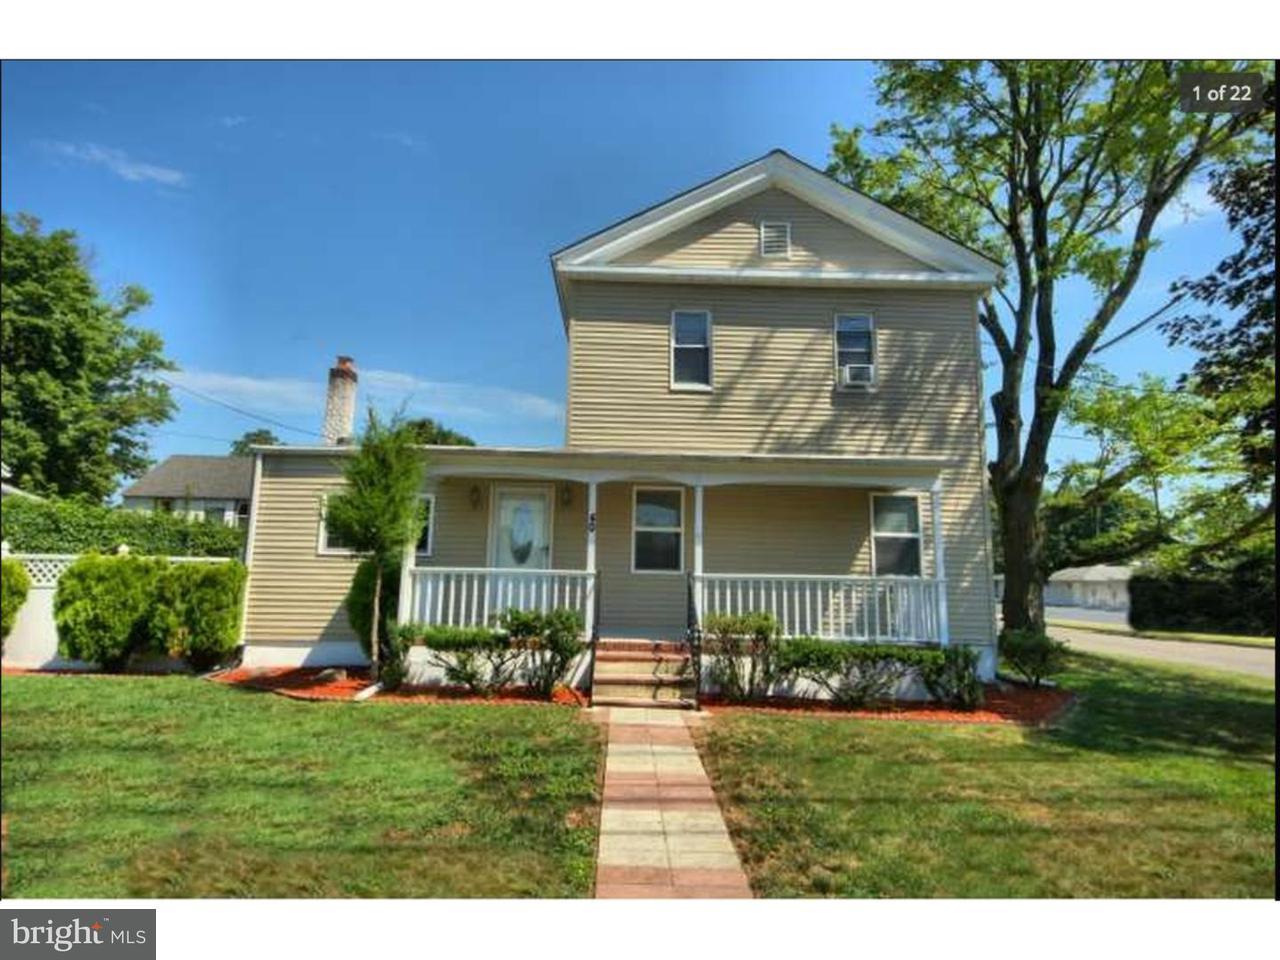 独户住宅 为 出租 在 40 YARDVILLE HAMILTON SQ Road 汉密尔顿, 新泽西州 08620 美国在/周边: Hamilton Township